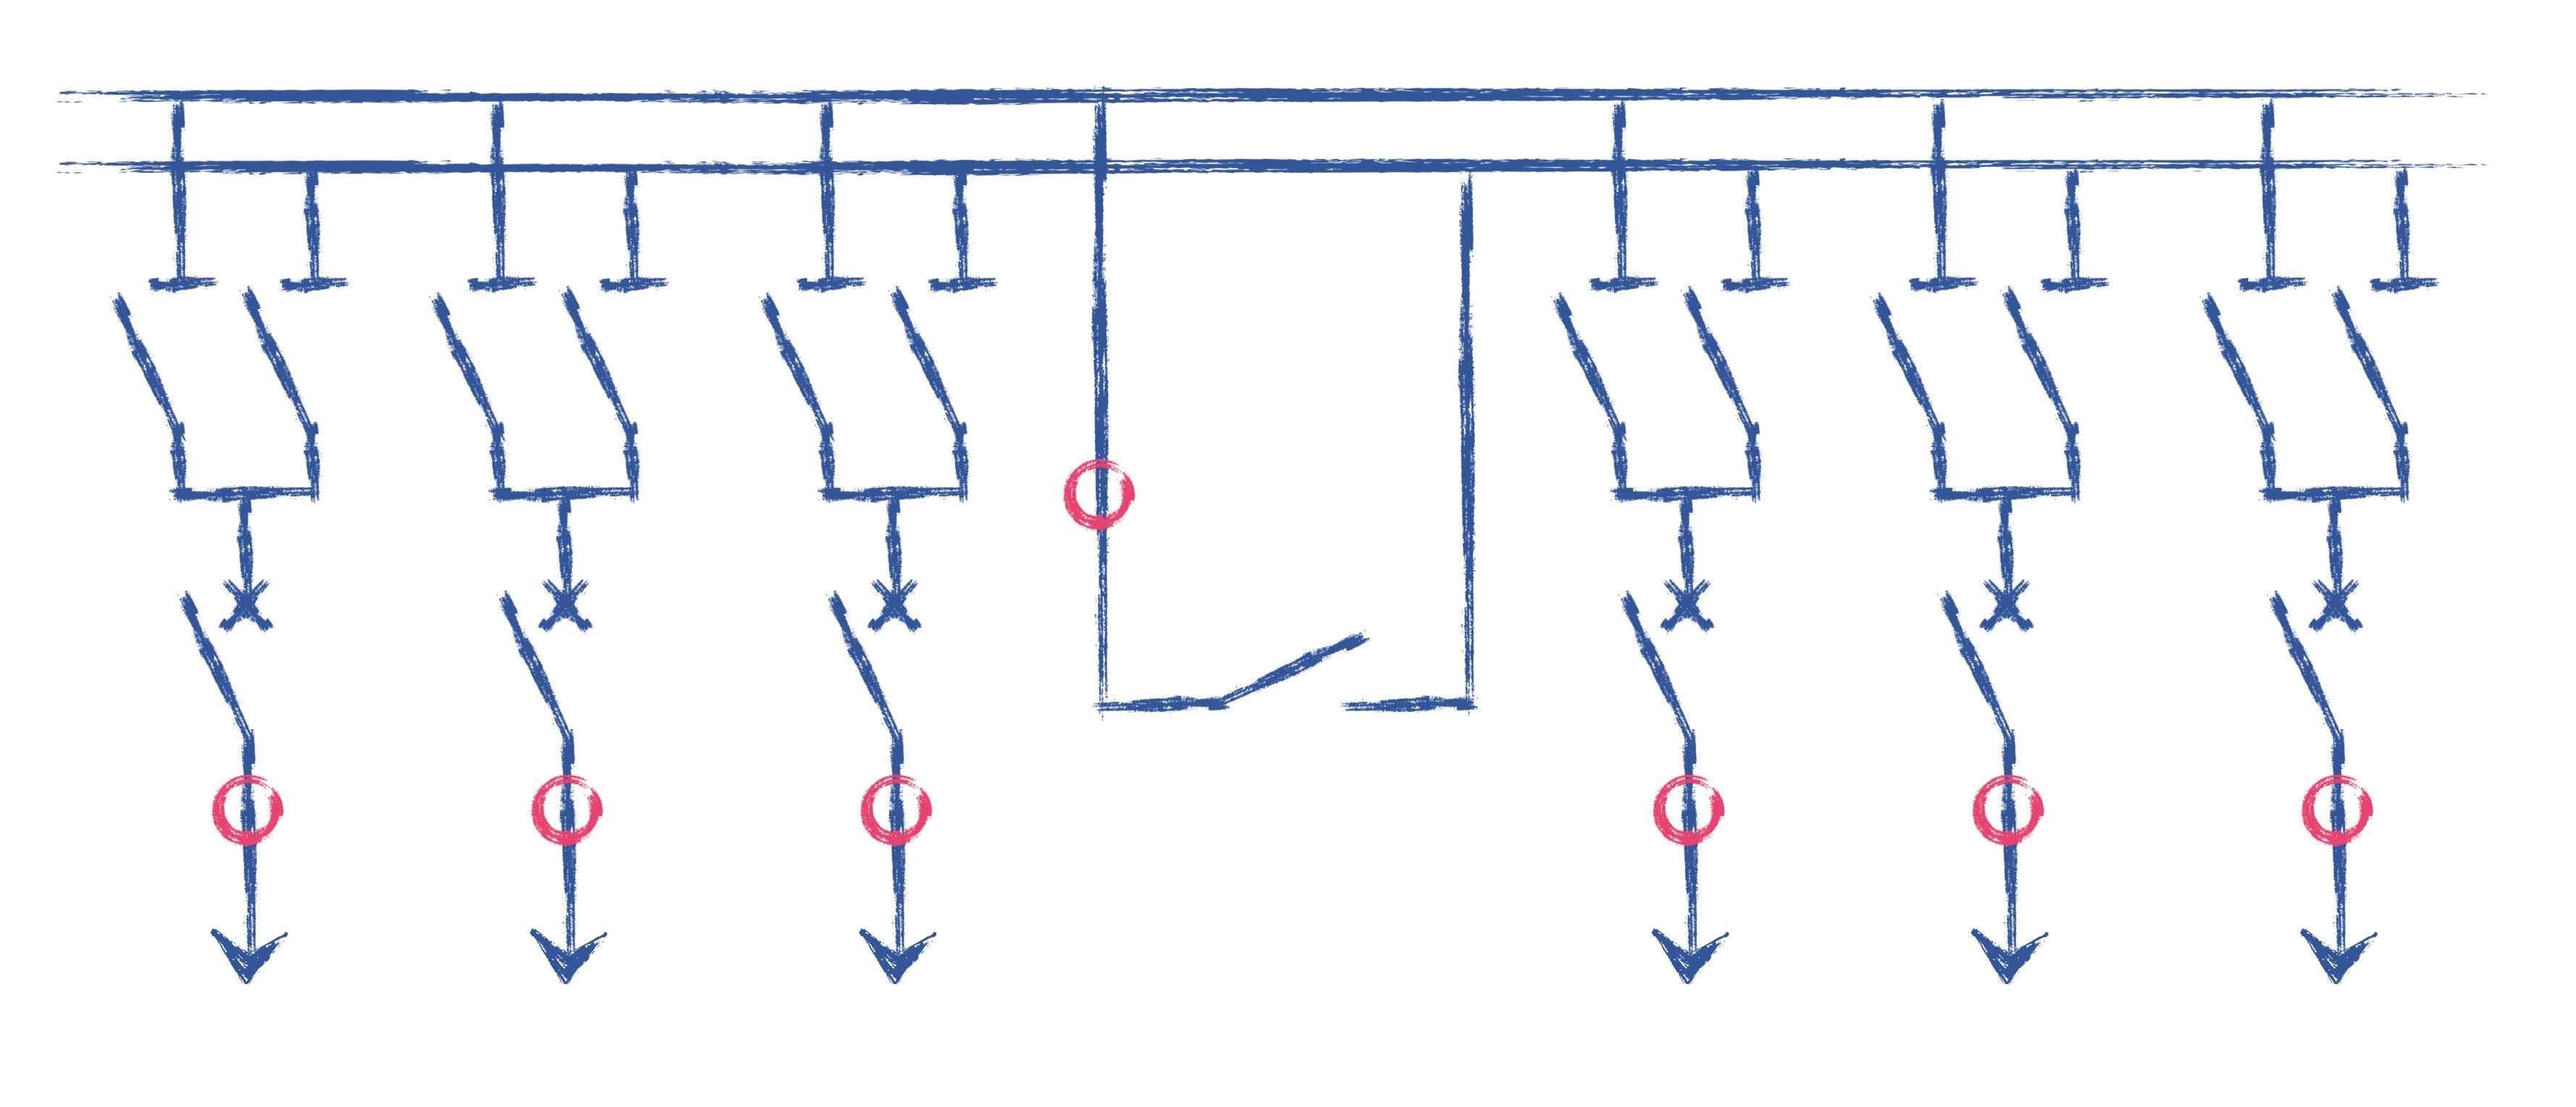 Sammelschienen Differentialschutz, Schalterabbild, Trennerabbild Checkzone,  7SS6, Sammelschienenschutz, 0, 7SS52,  REB670